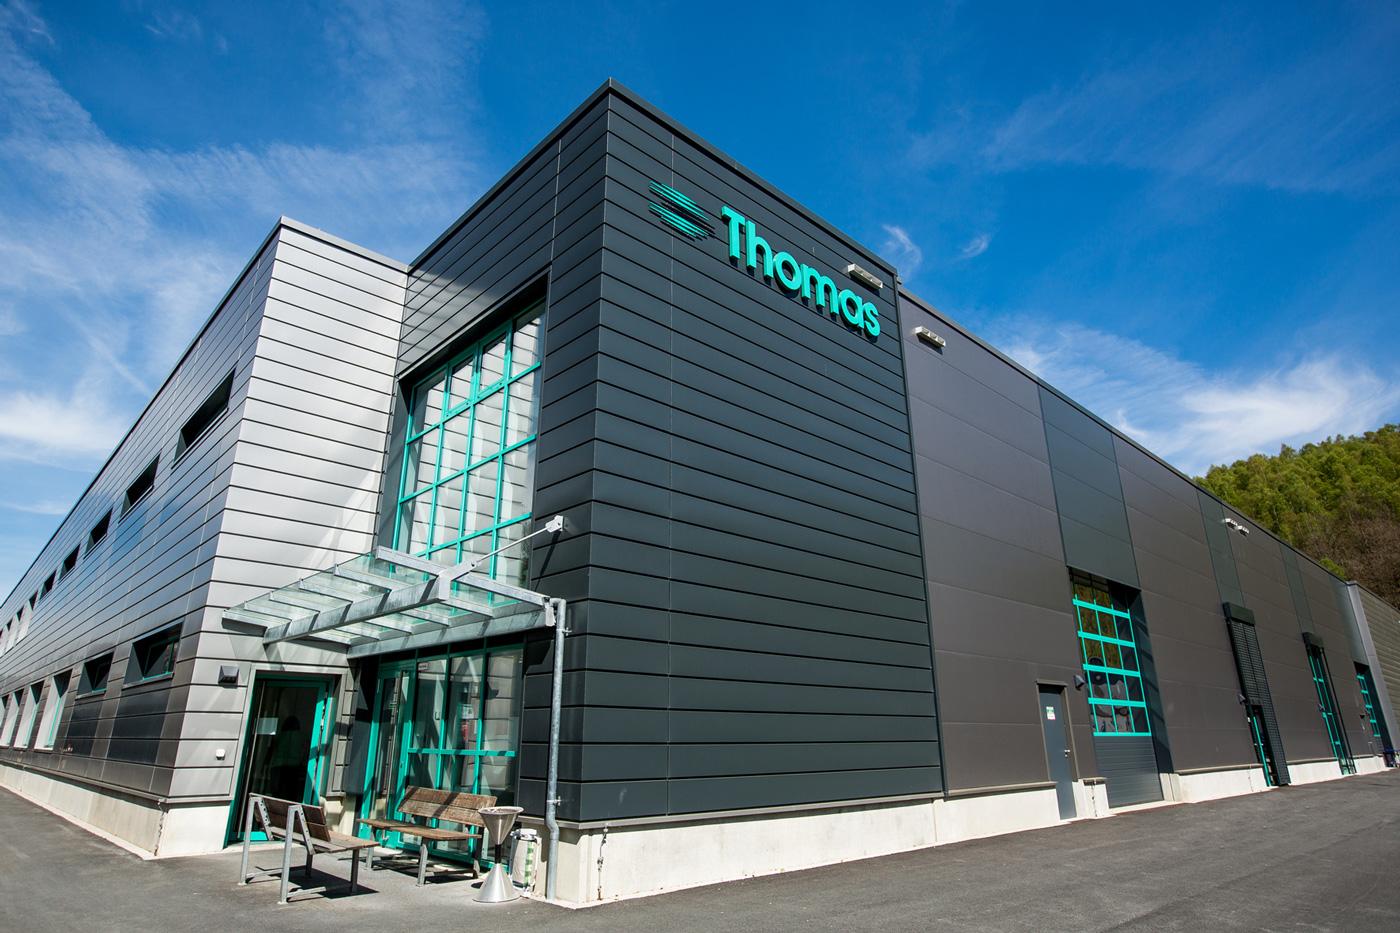 Thomas Magnete Firmengebäude von außen